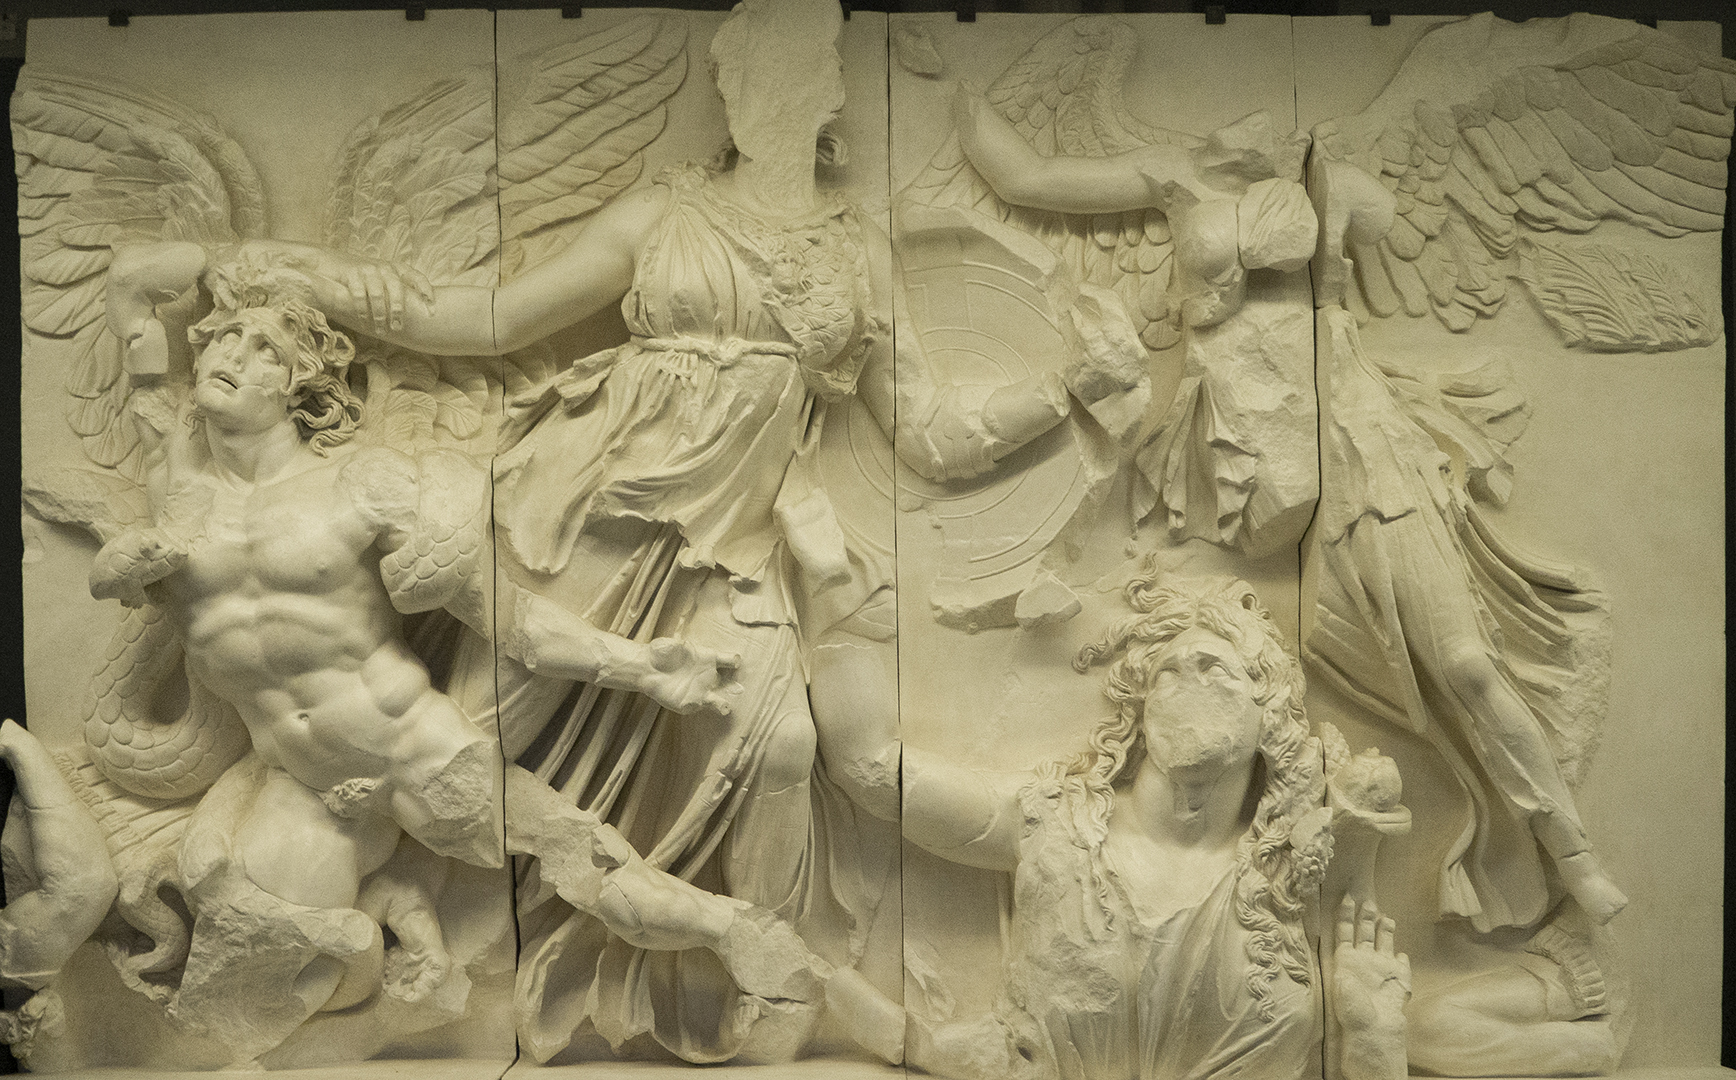 Altar de Zeus en el Pérgamo. Atenea luchando contra los gigantes.